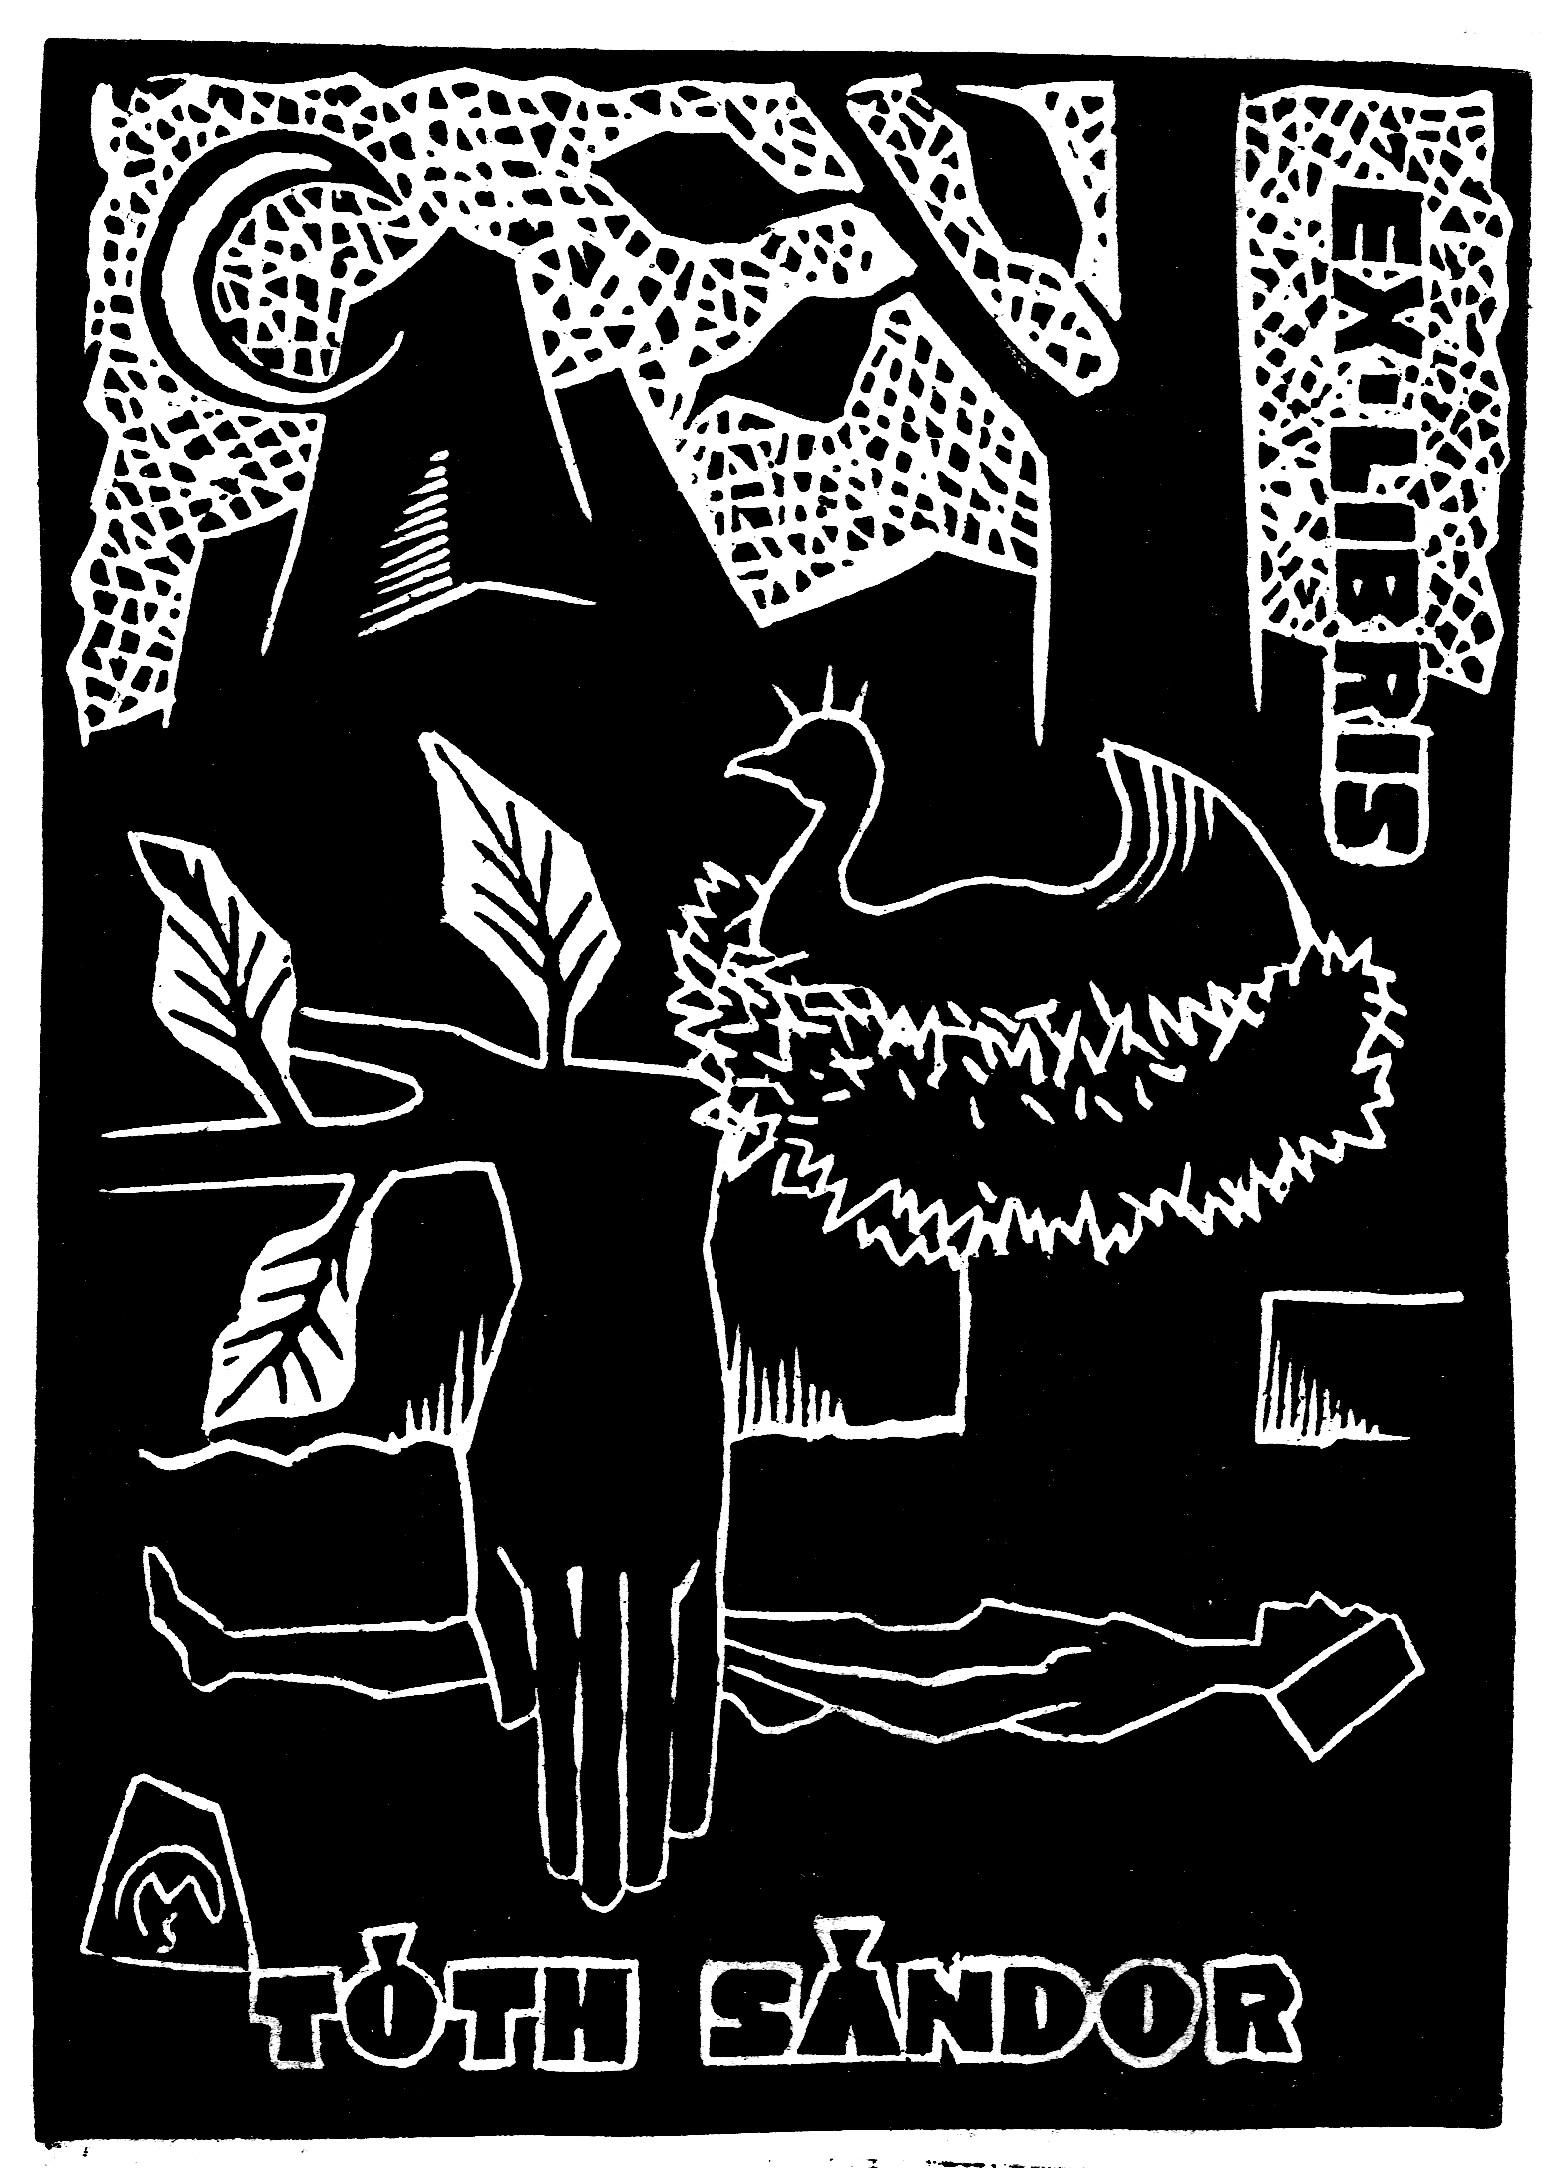 Ex libris Tóth Sándor (Csiby/72, OSZK Plakát- és Kisnyomtatványtár)